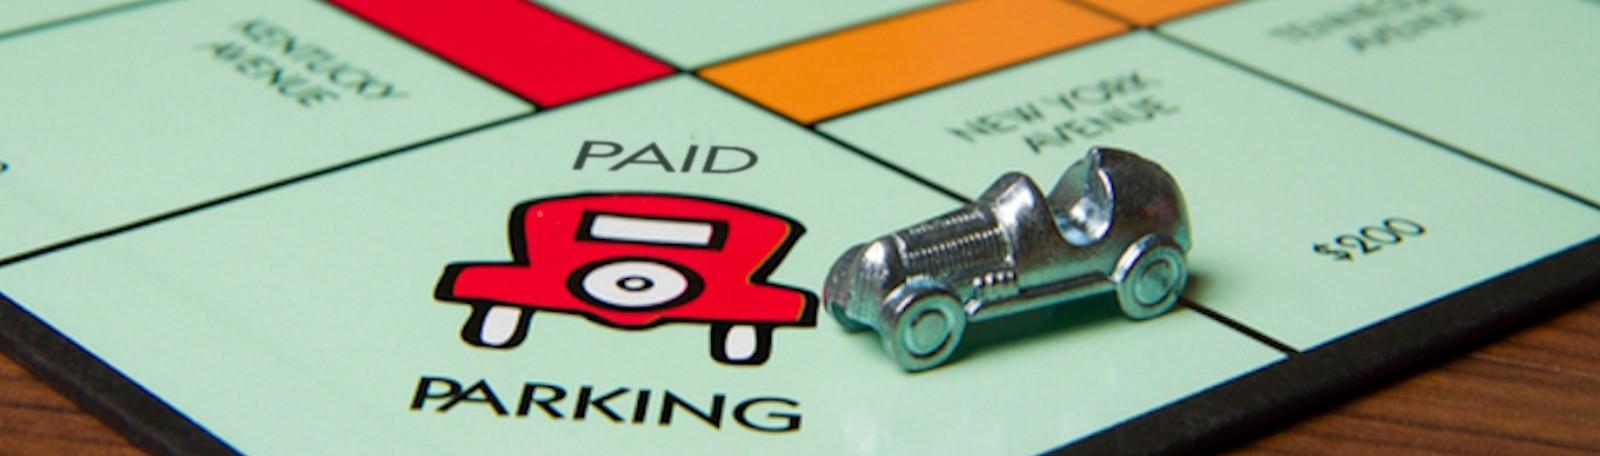 Stationnement payant avantageux